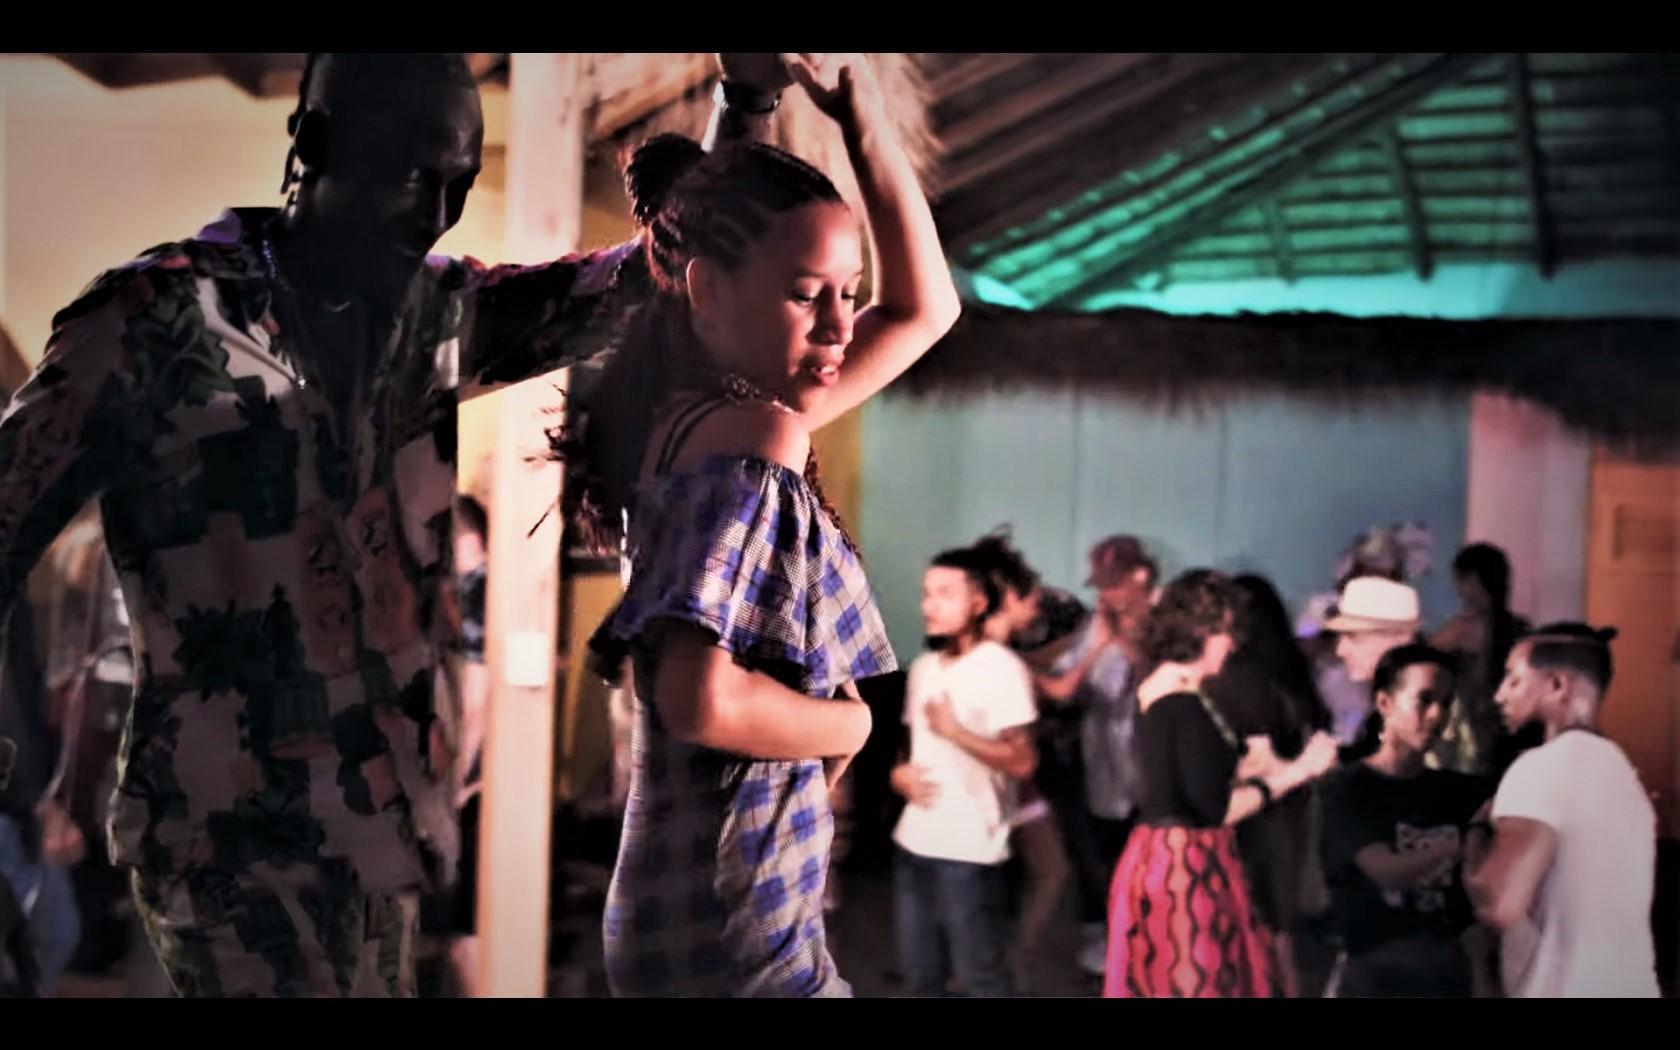 bachata haiti dominicana ruben-dance kurzy v praze